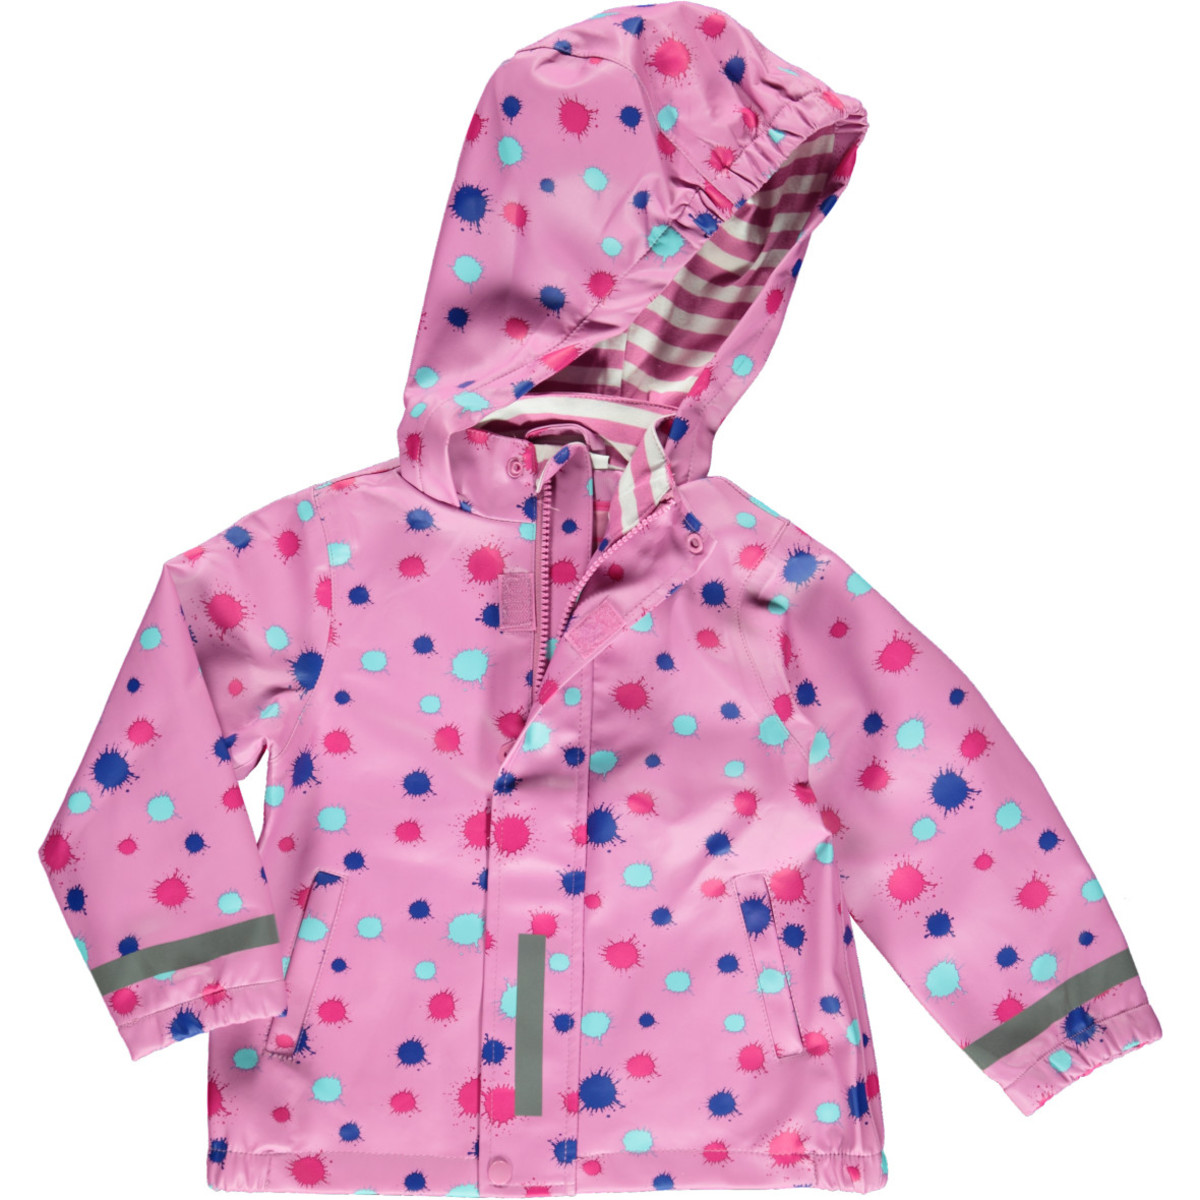 Bild 1 von Mädchen Regenjacke in tollem Design